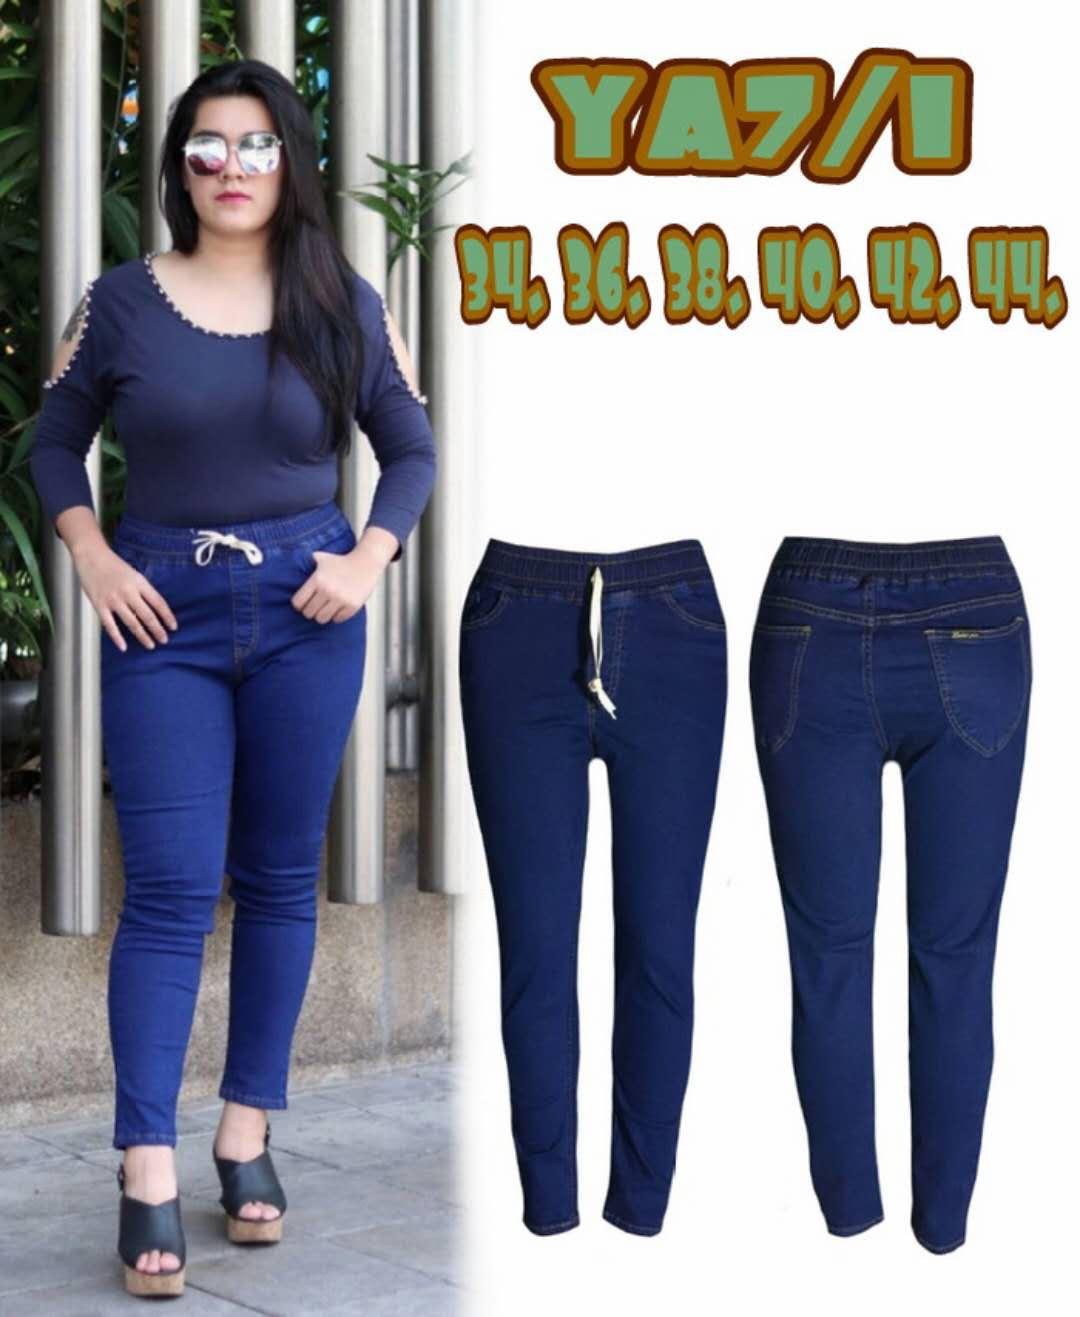 กางเกงยีนส์เอวสูงไซส์ใหญ่ เอวยางยืด สีเมจิก บล็อกใหญ่ มี SIZE 36